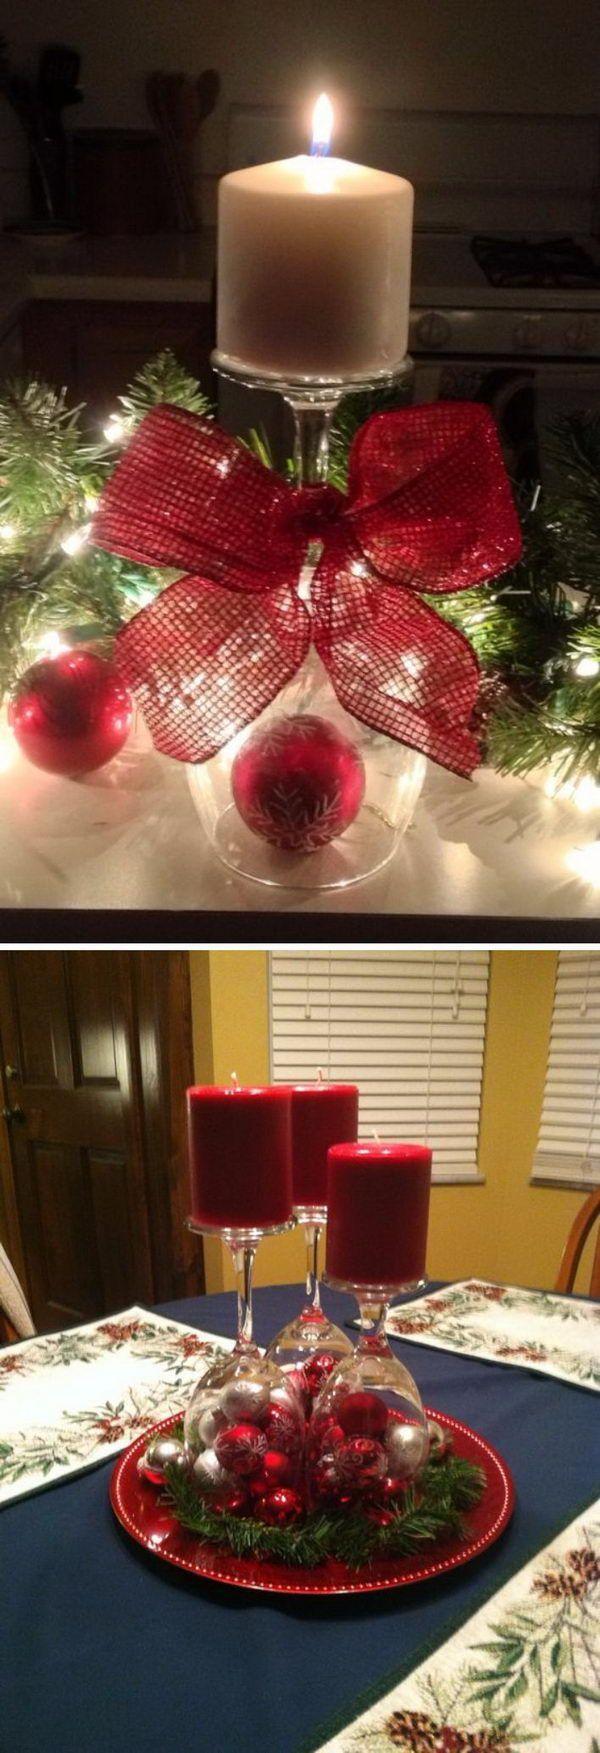 Die festliche Jahreszeit ist fast da, und Heimdekoration ist auf Ihren Dingen